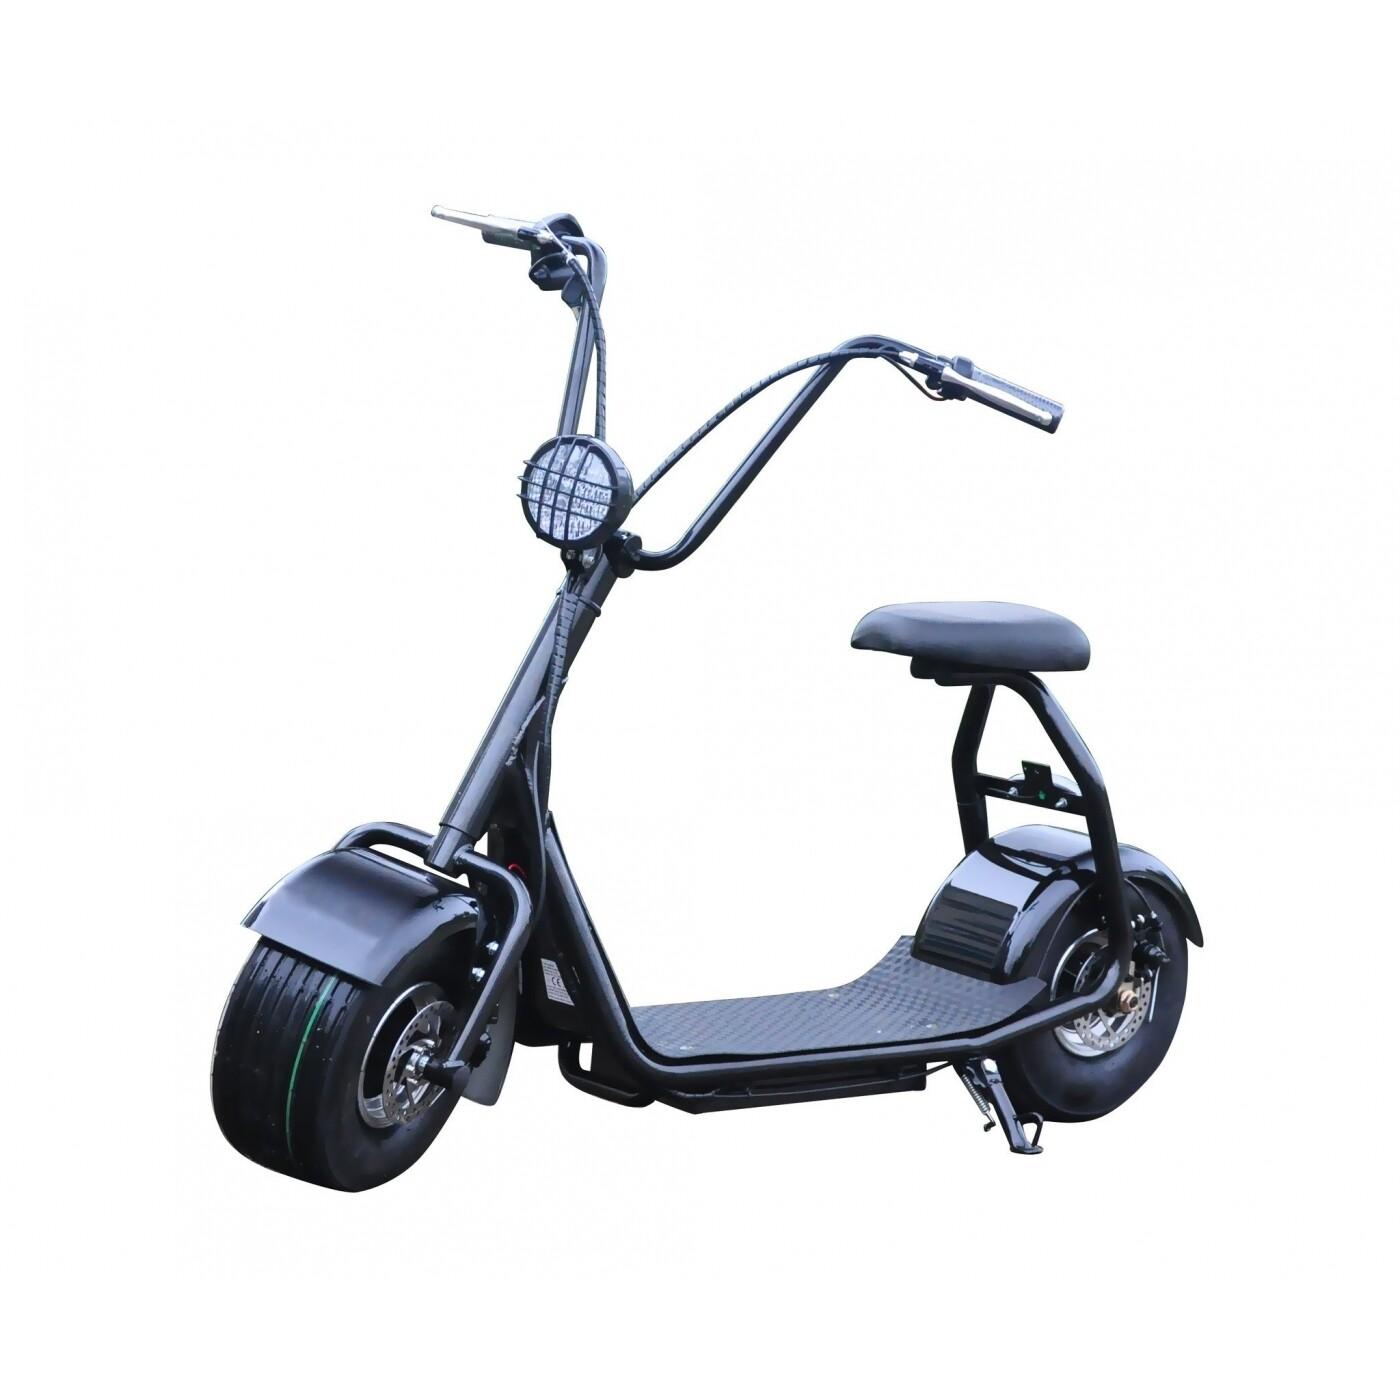 Scooter Électrique Mini City Coco Beach 1000W